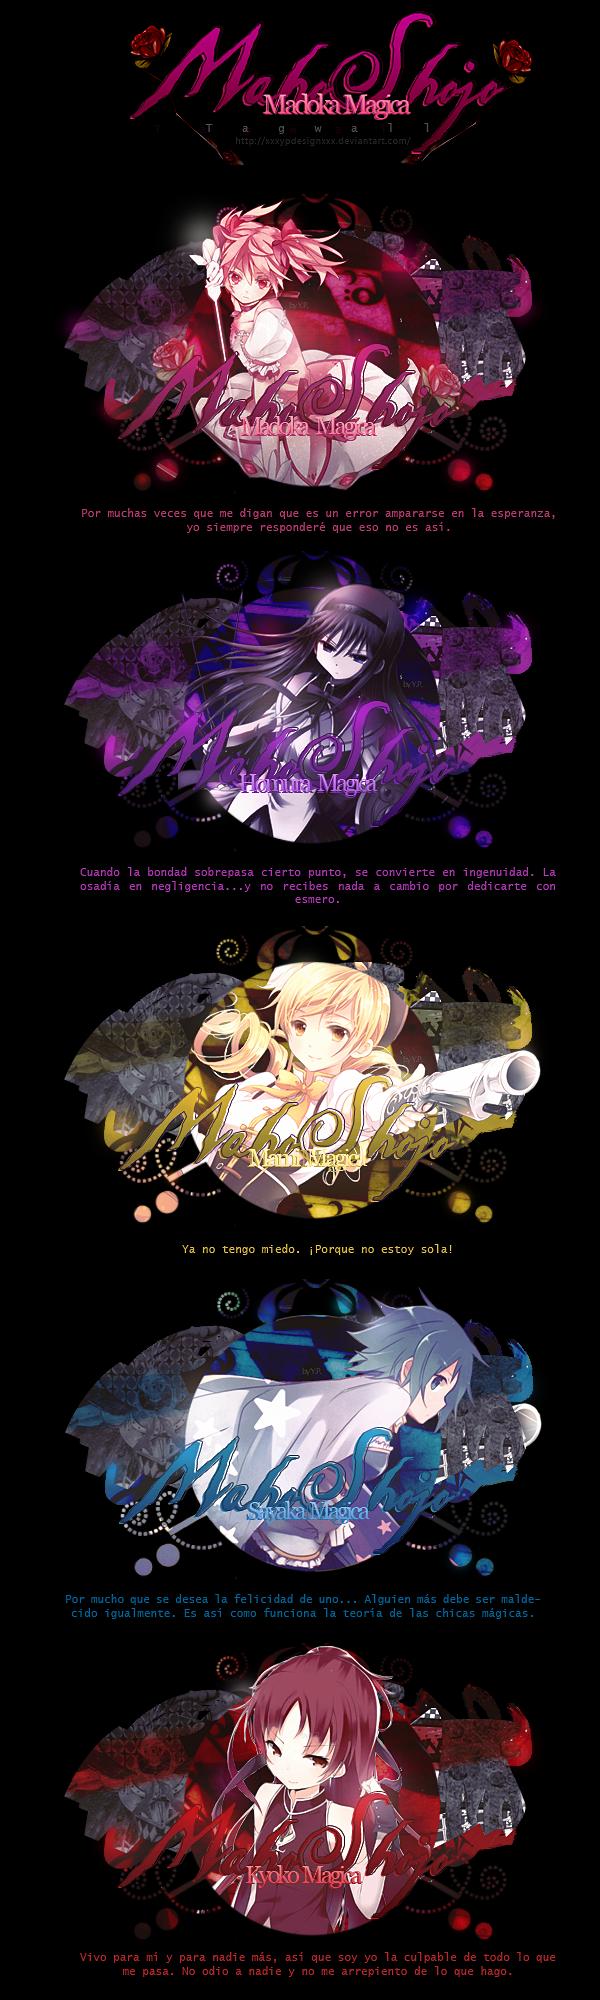 Dream or Nightmare -Tagwall- by xxxypdesignxxx